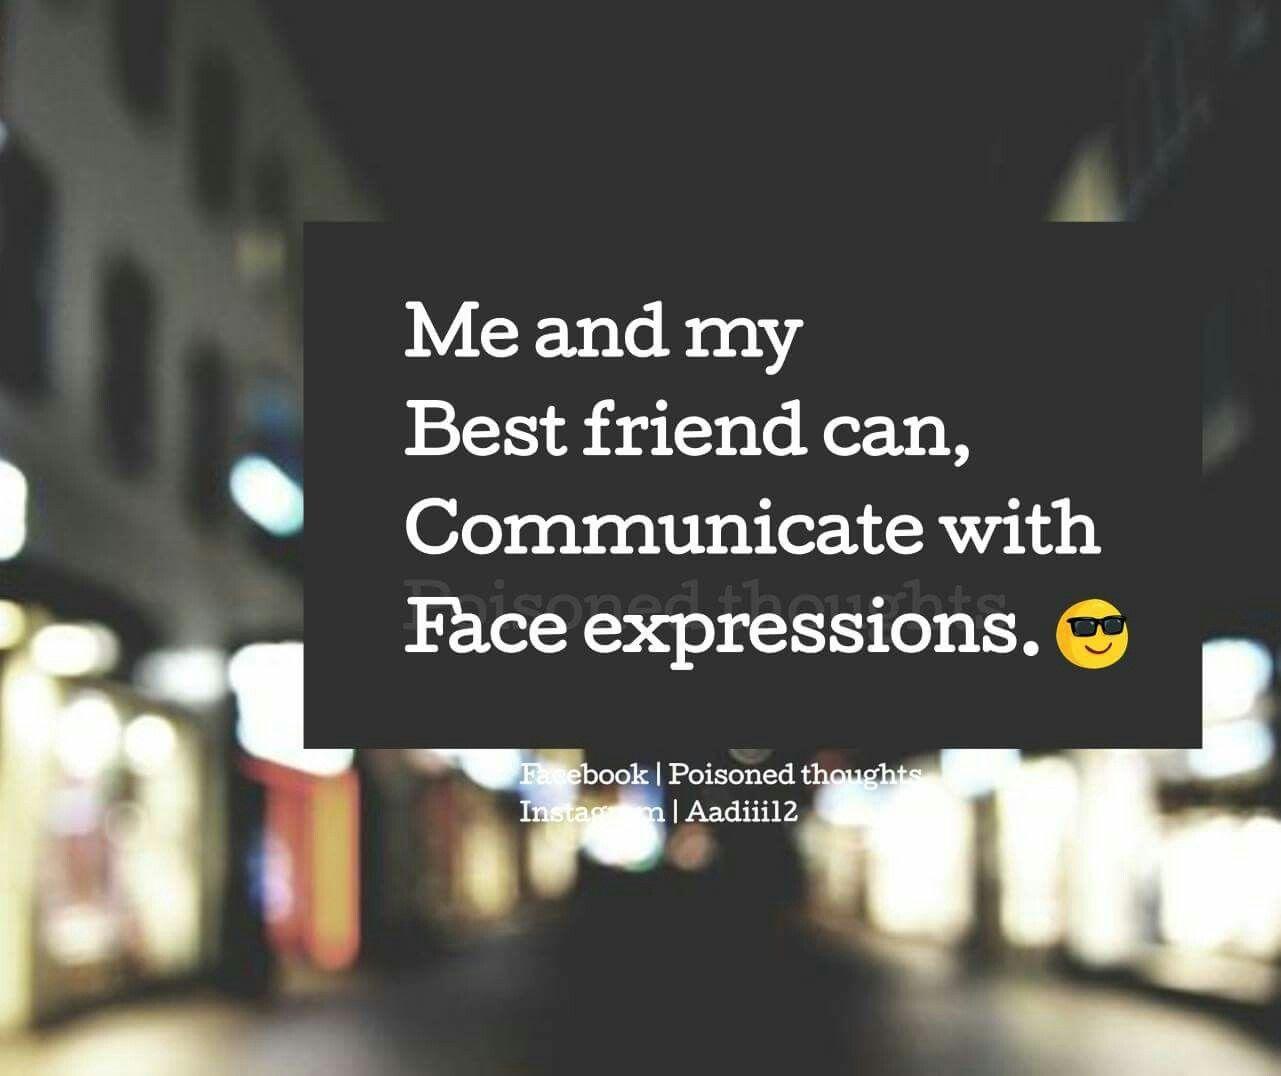 Quotable Quotes About Friendship Pinñiñiķa  $Hårmå On Qůõtę$  Pinterest  Friendship Quotes